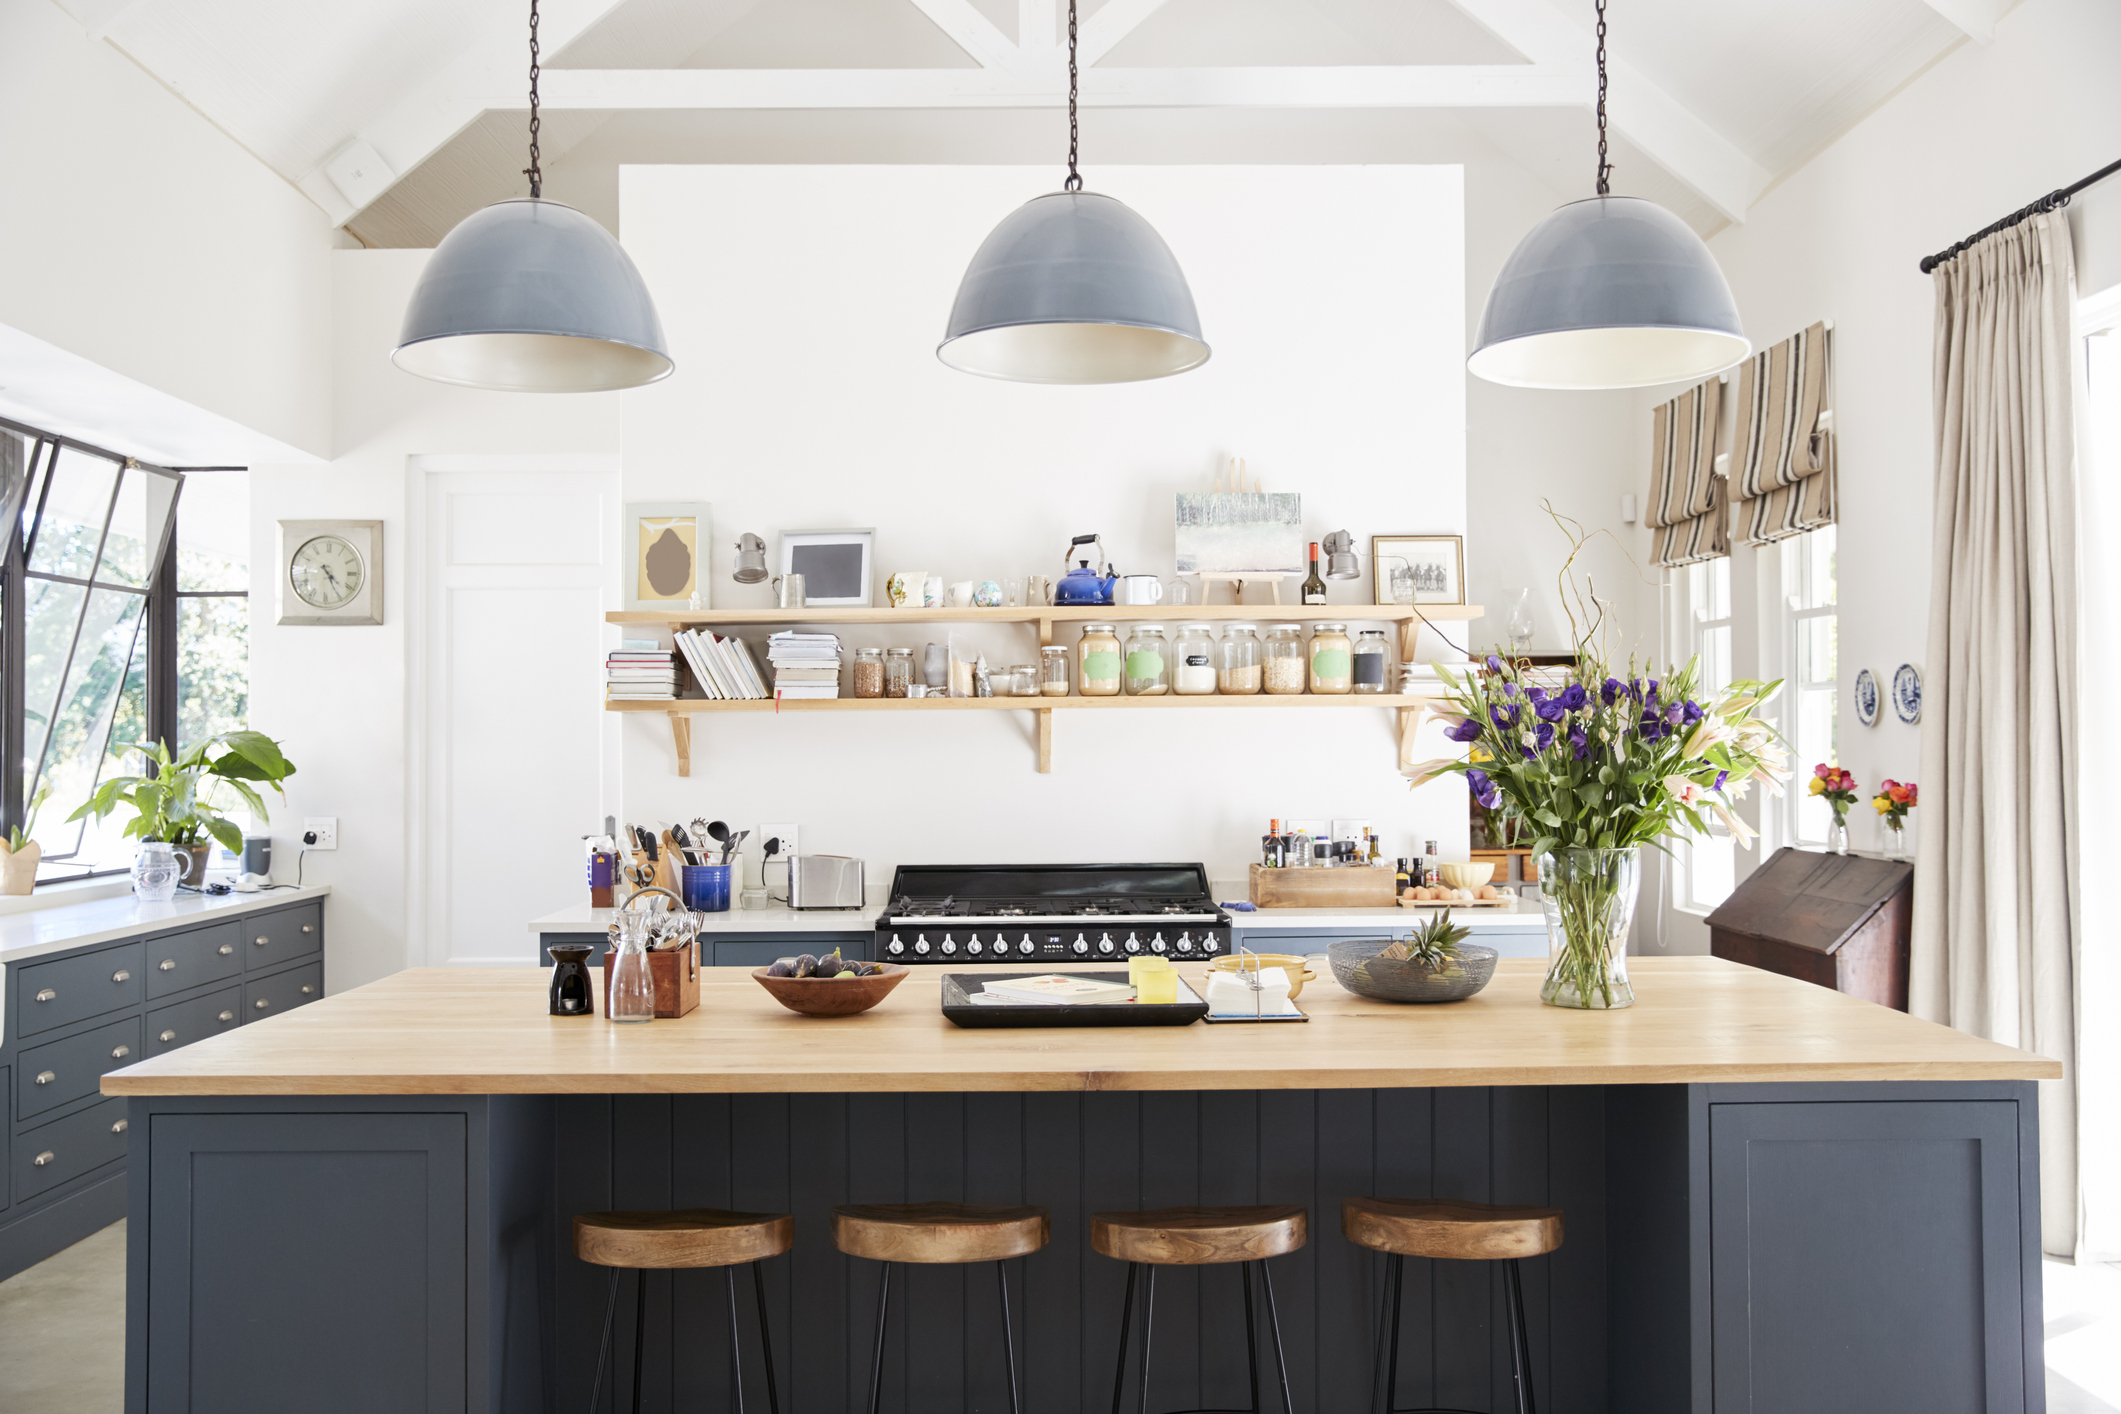 """Макар повечето модерни кухни да представляват бокс в хола, хората гледат на тях като на отделна стая"""", разказва Фолкер Ирле от асоциацията """"Модерна кухня"""". Г-образни кухни, кухня с остров за готвене, широки или тесни плотове: изборът е голям. А мястото за хранене? """"Понякога хората се спират на висока маса и бар столове – идеални за закуска в дните, когато бързаме за офиса"""", споделя Ирле."""